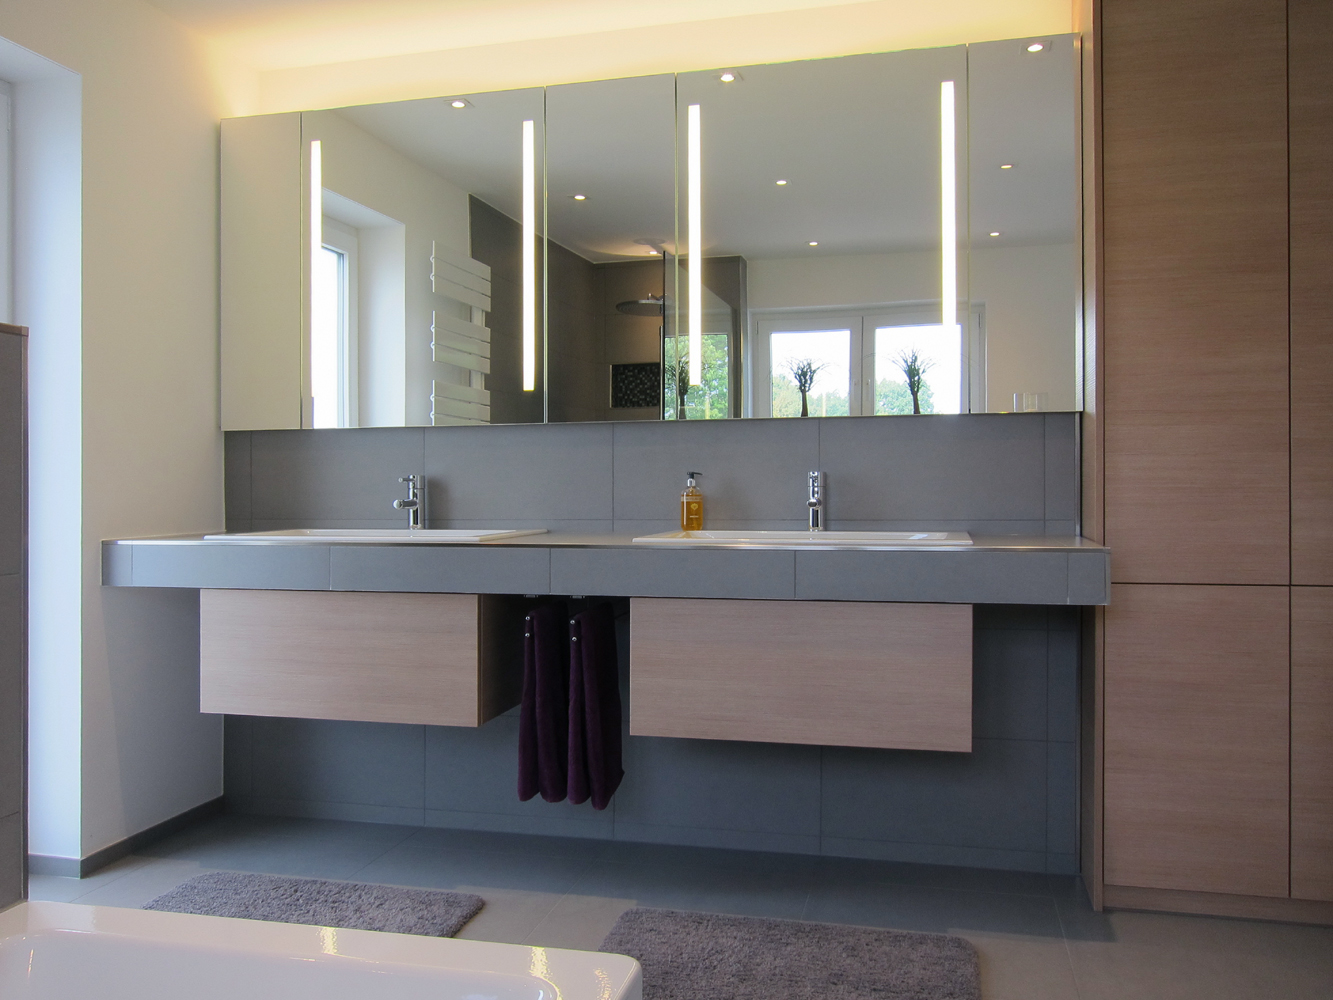 Familienbad - Waschplatz und Einbauschrank